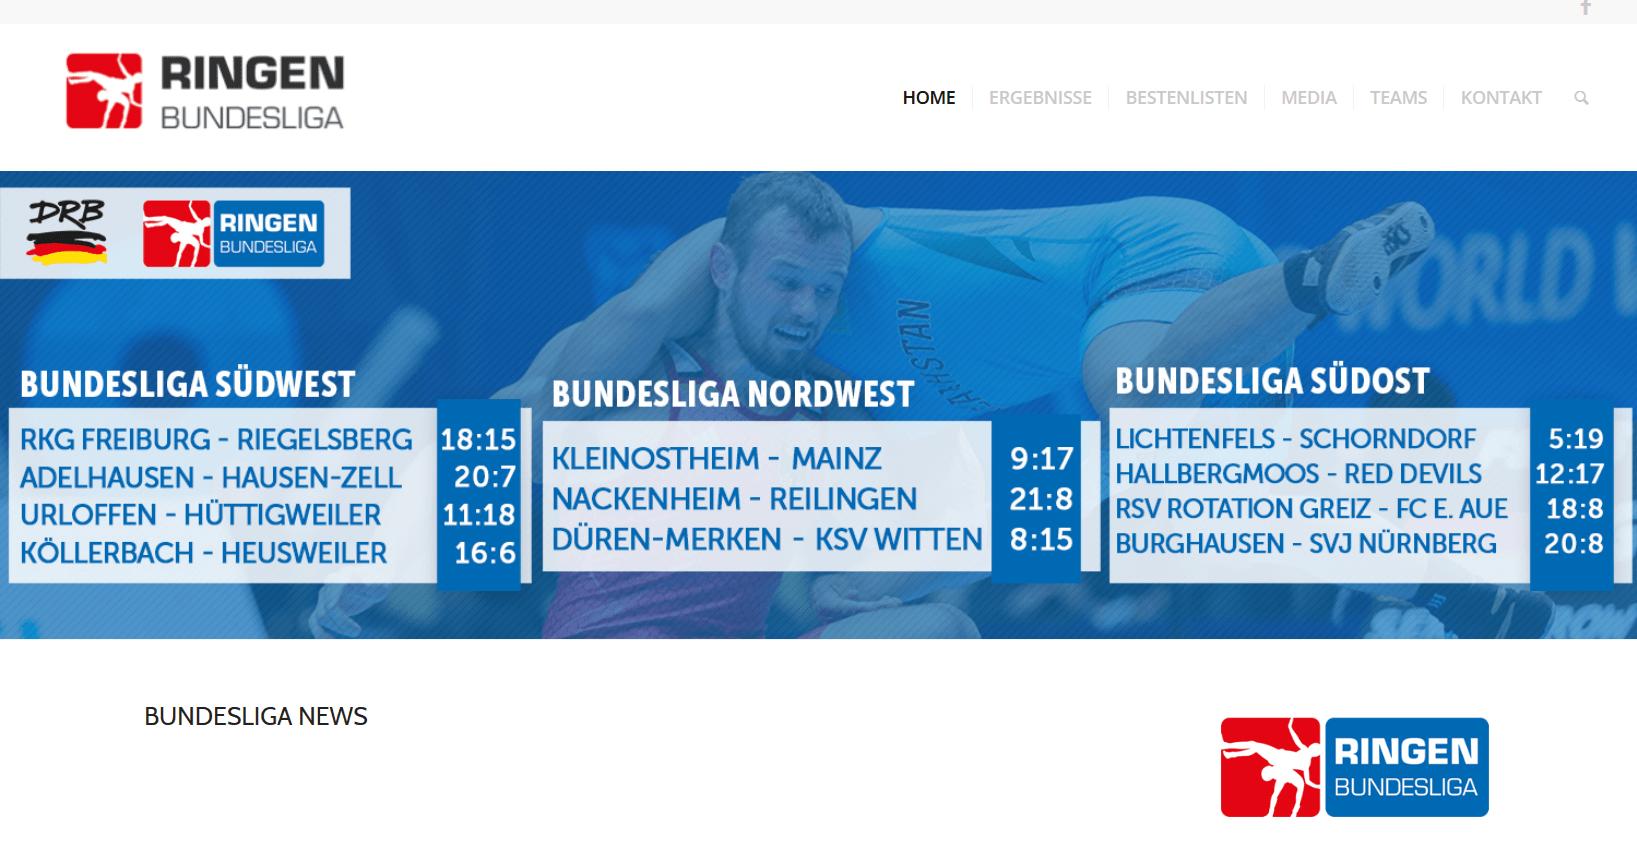 Ringer Bundesliga